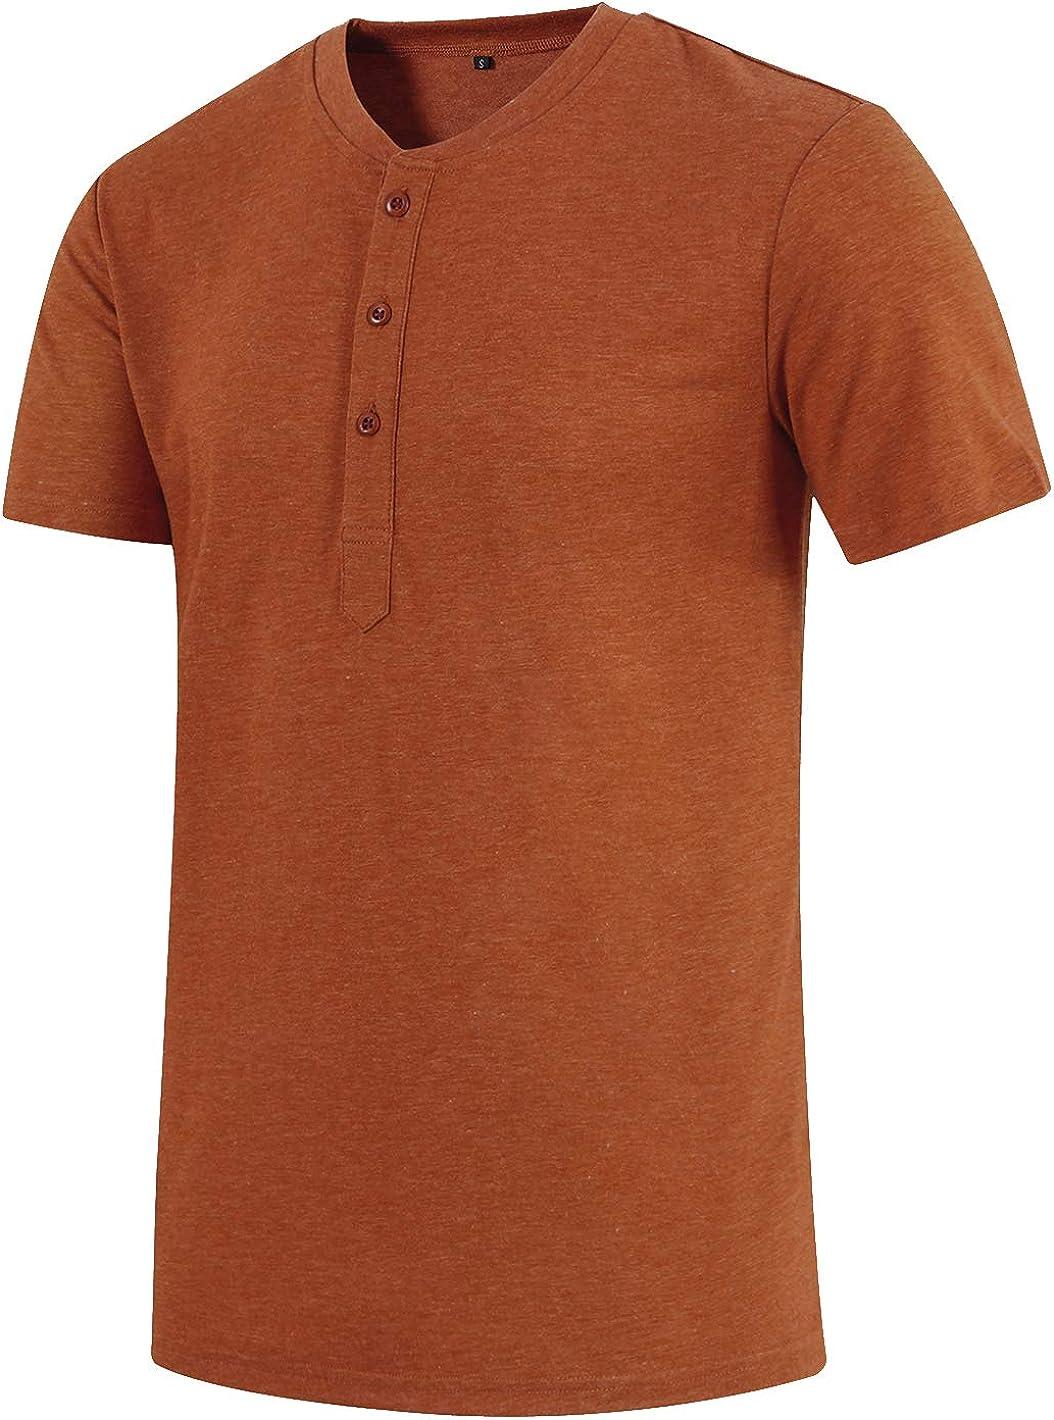 Satankud Mens Shirts Short/Long Sleeve Casual Loose Fit Henley Shirts Cotton T-Shirt